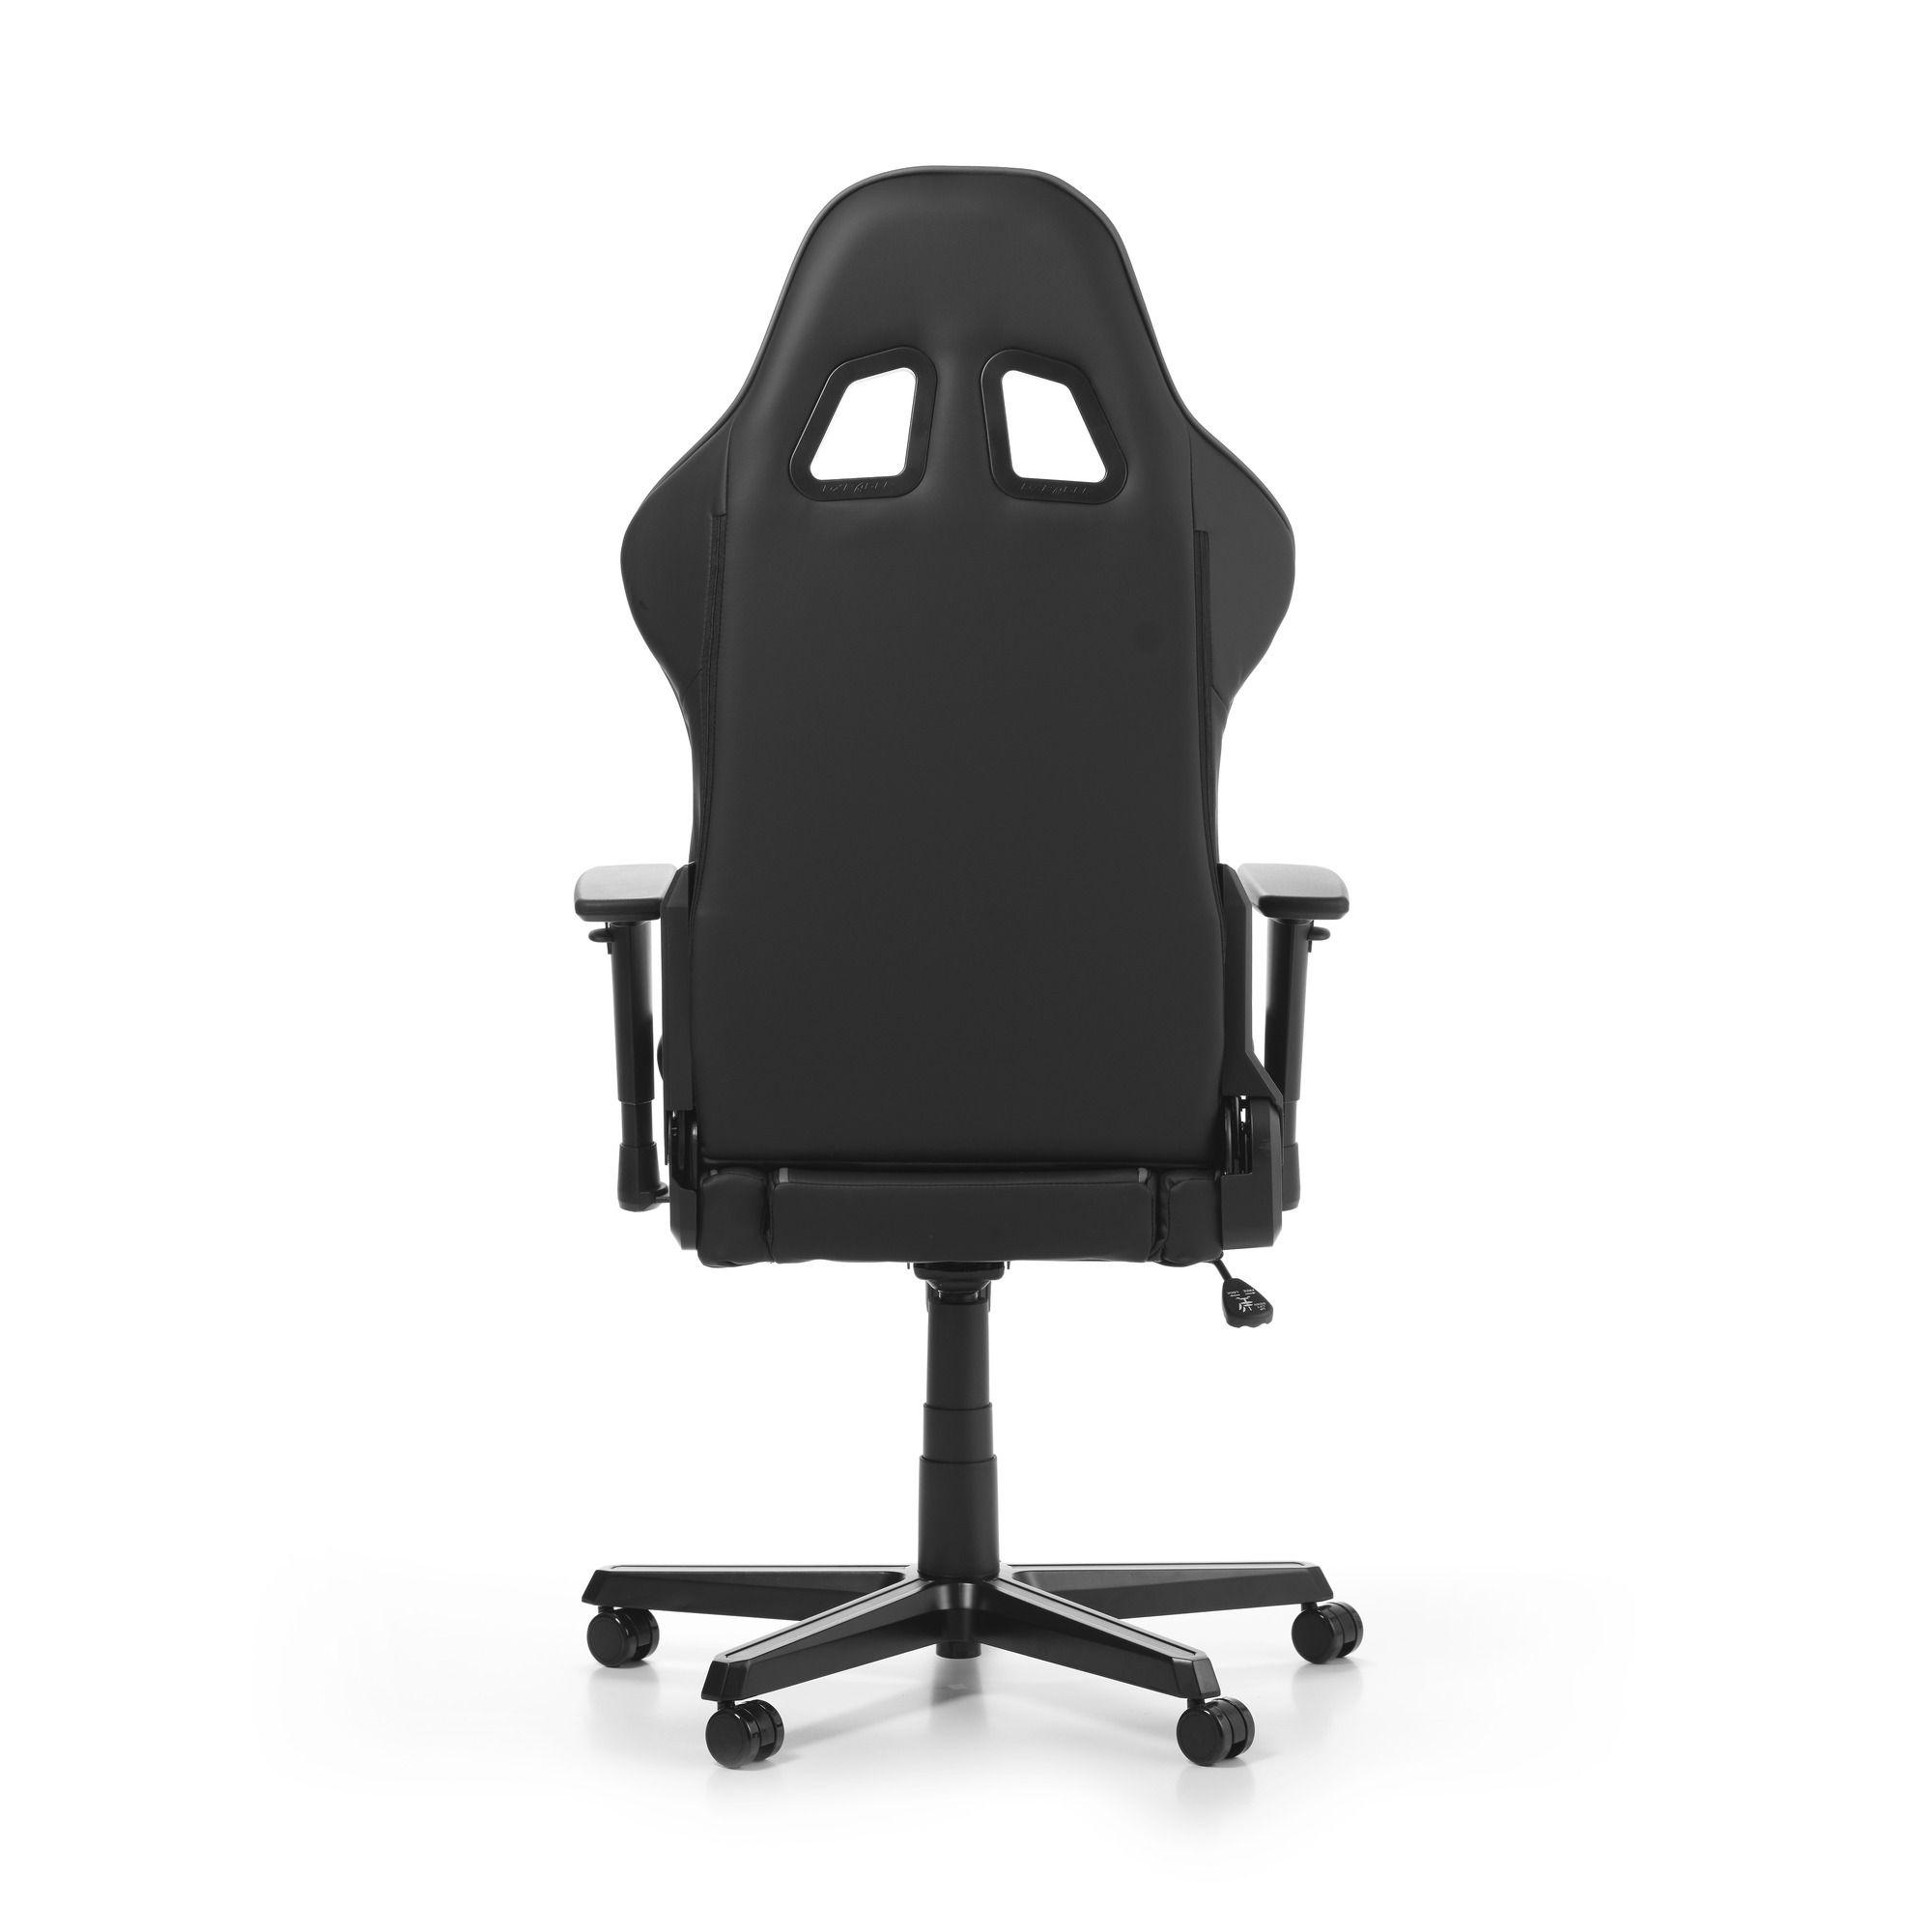 Геймърски стол DXRacer - серия FORMULA, черен/сив - OH/FH08/NG - 12